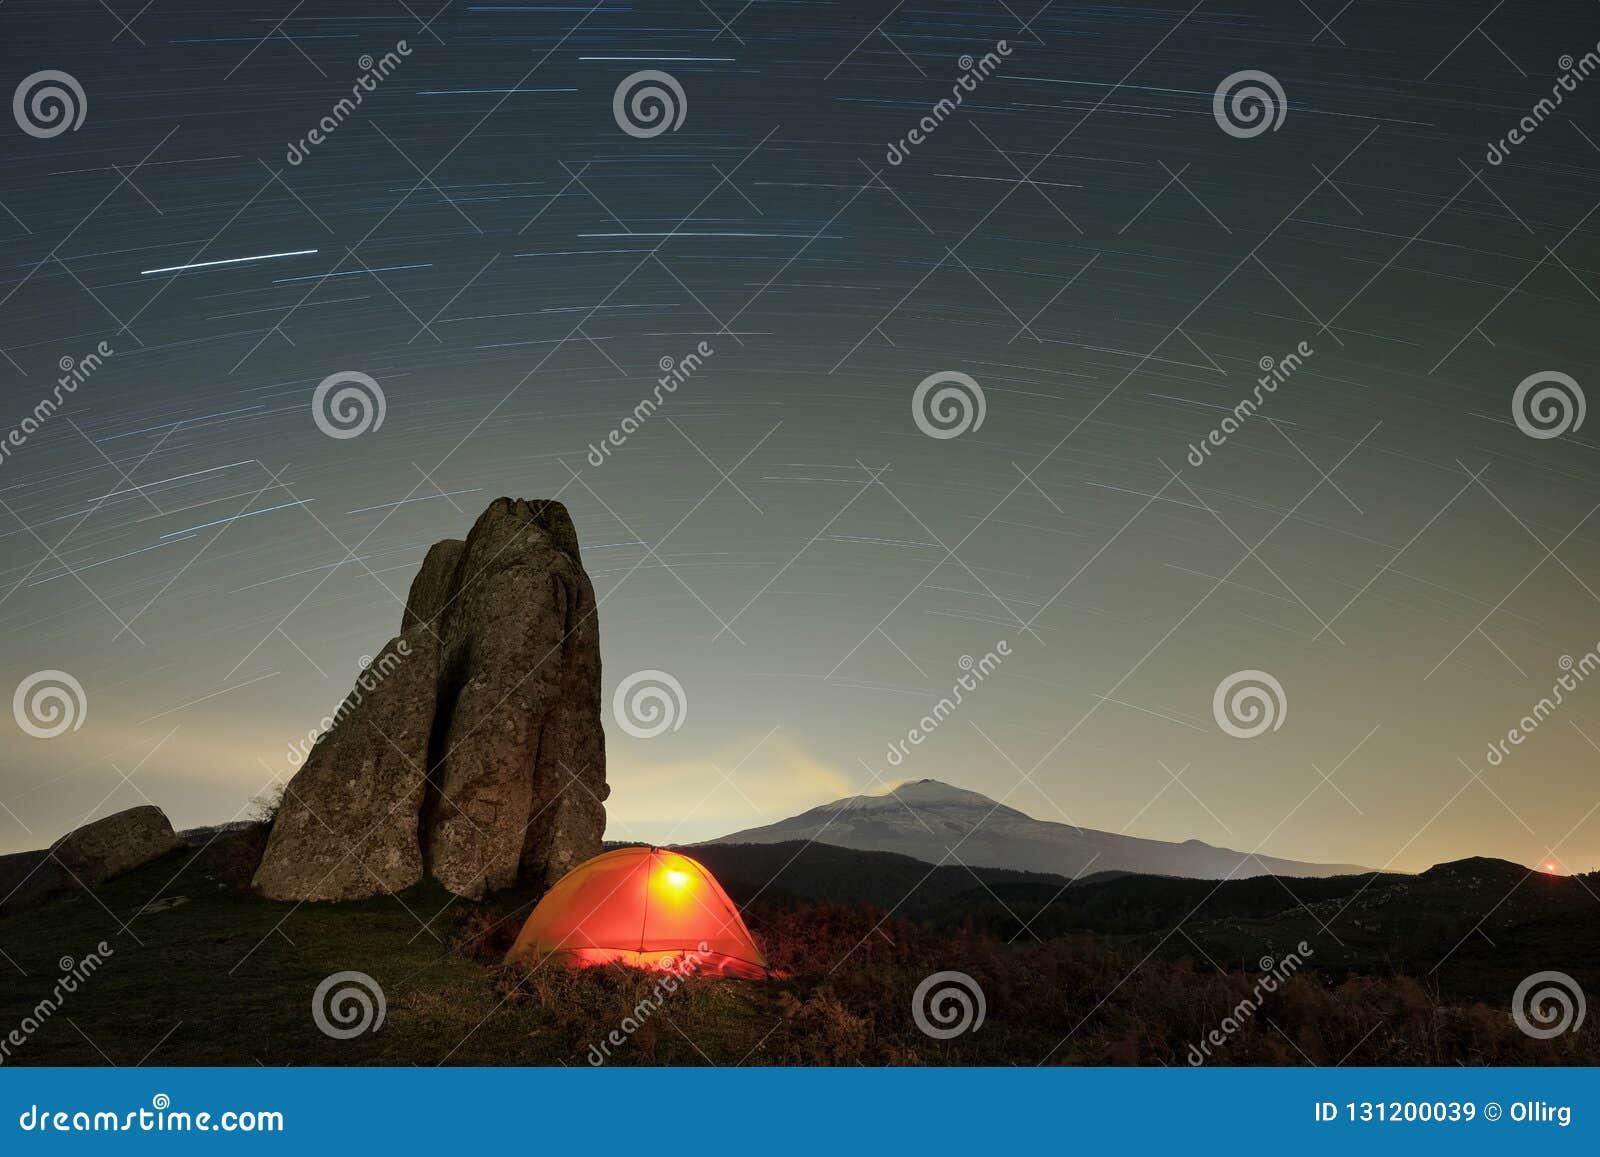 Fugas das estrelas em iluminar a barraca em montanhas de Argimusco, Sicília